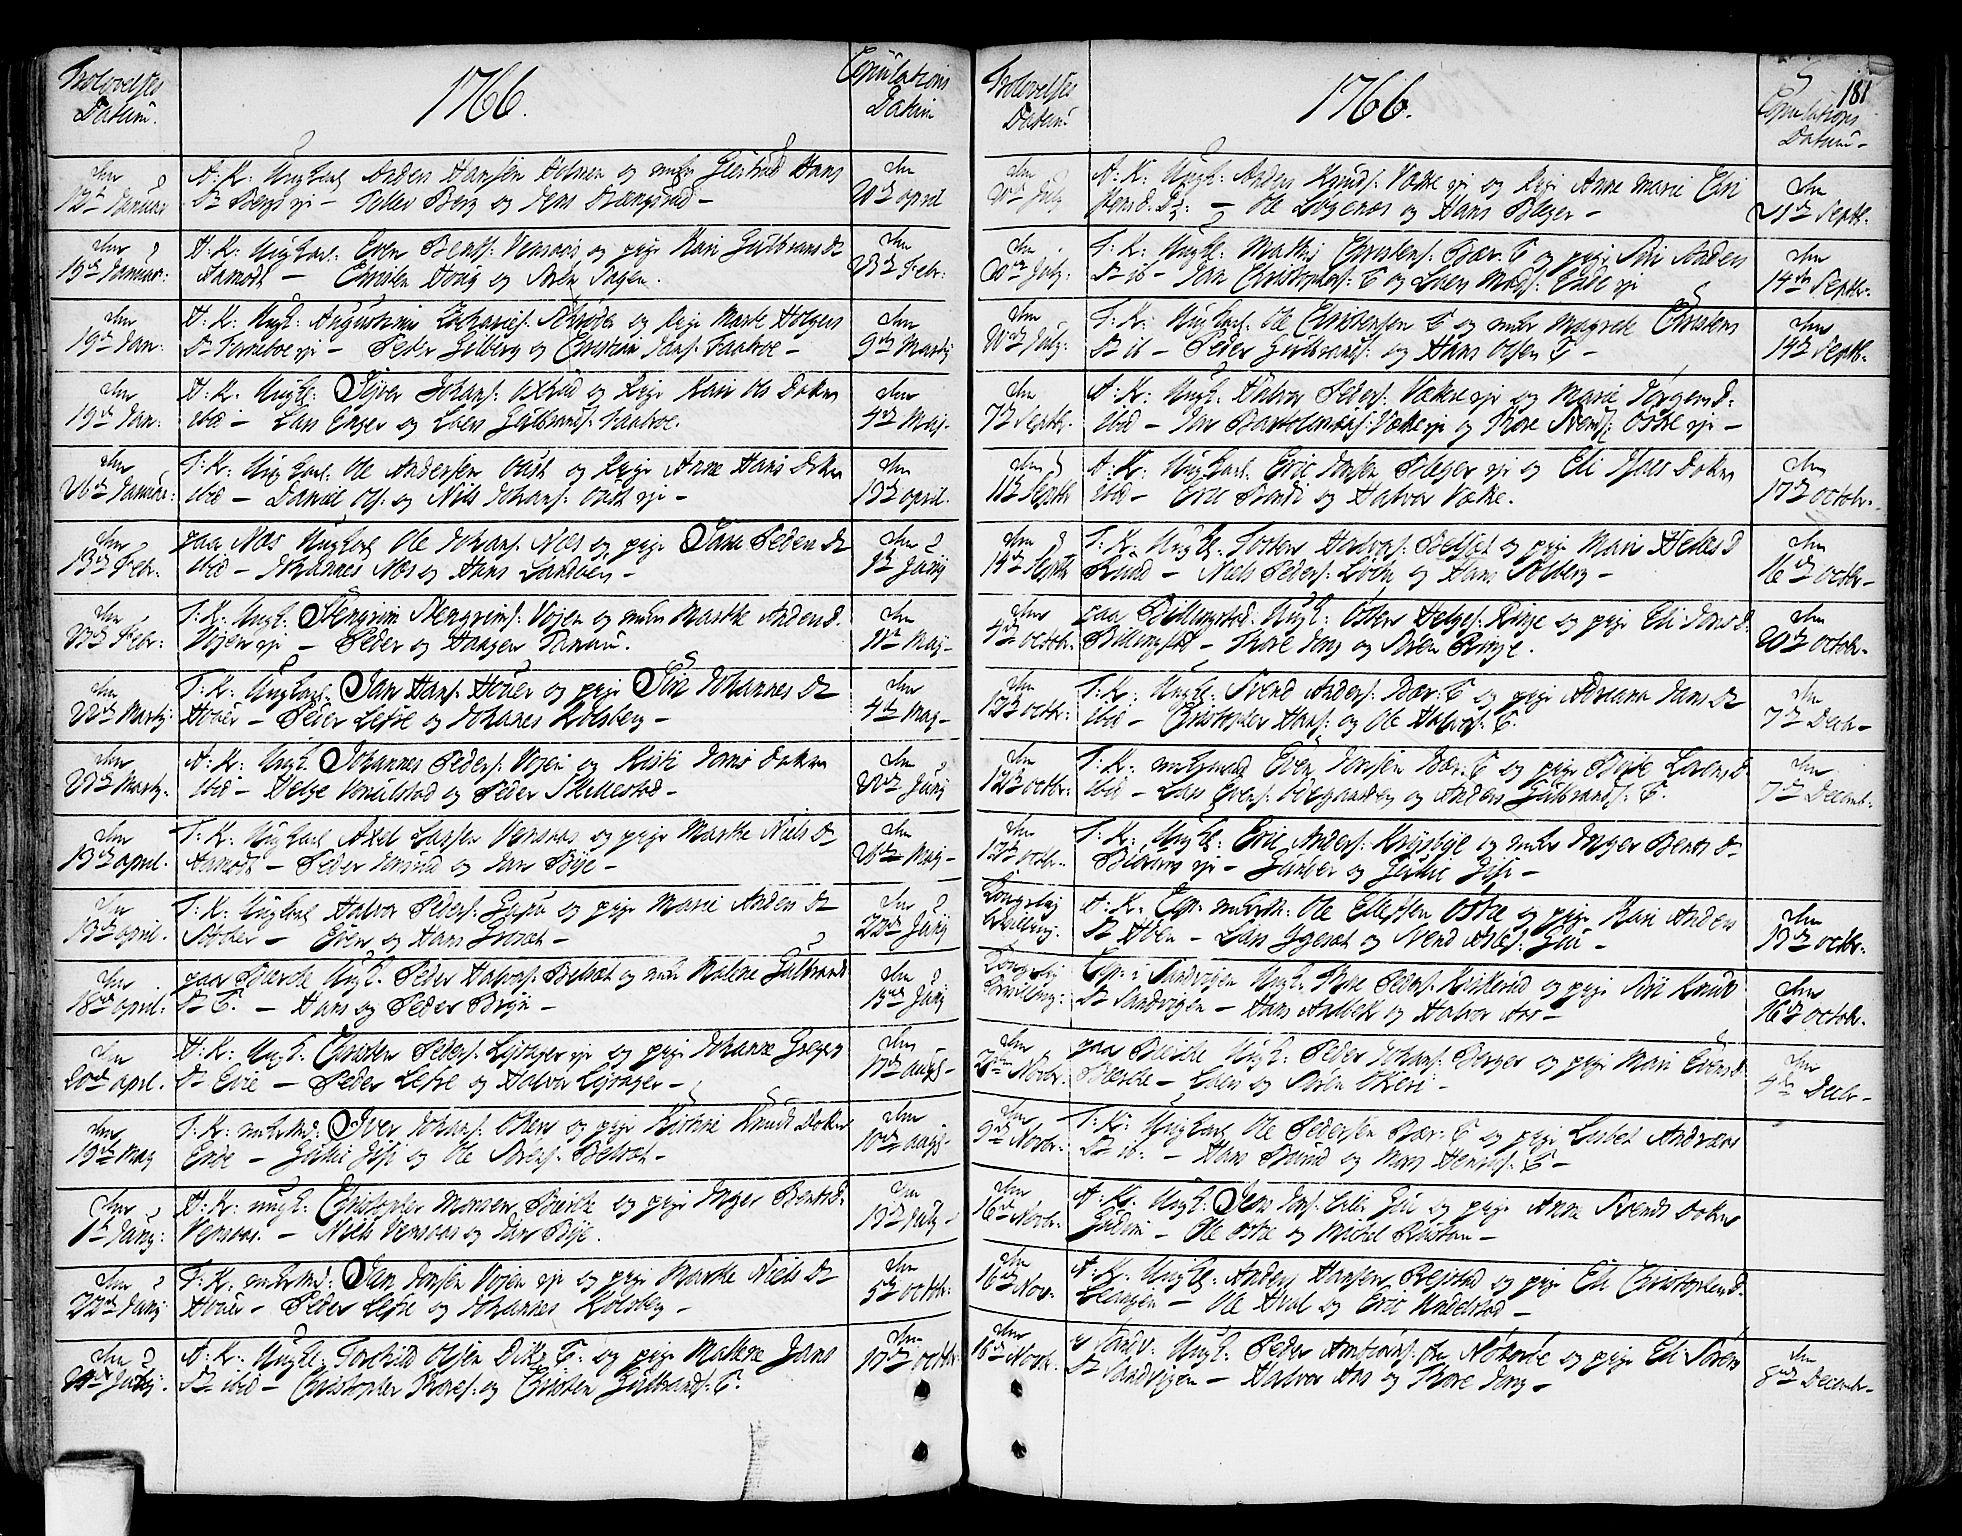 SAO, Asker prestekontor Kirkebøker, F/Fa/L0002: Ministerialbok nr. I 2, 1733-1766, s. 181